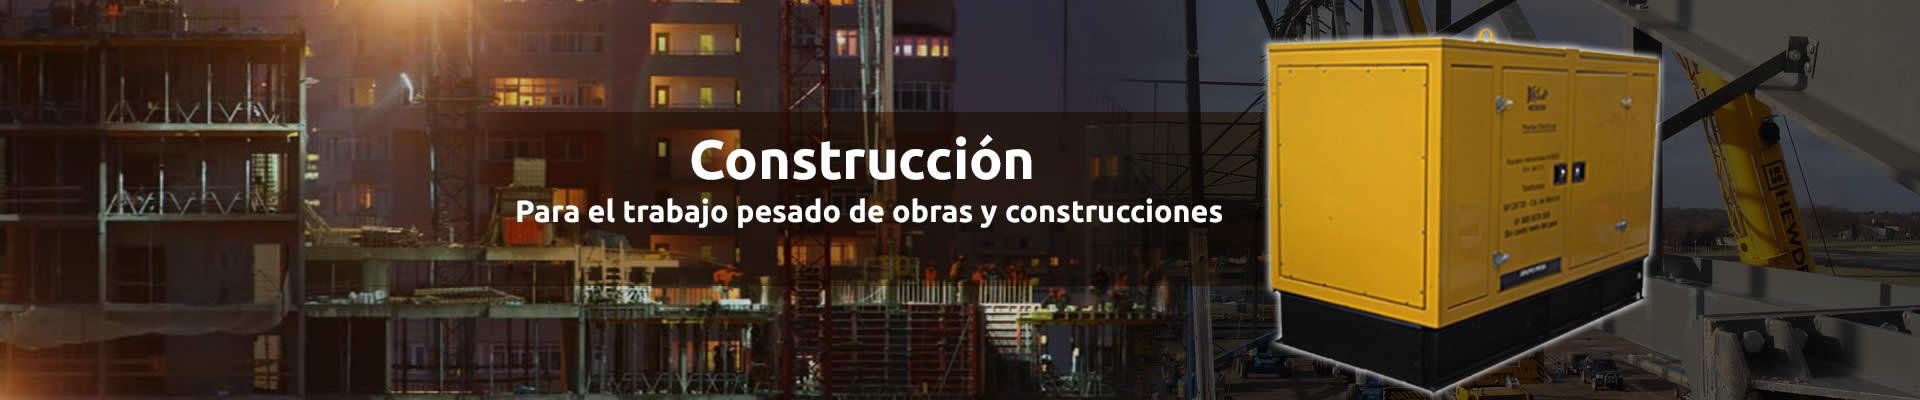 banner_construccion